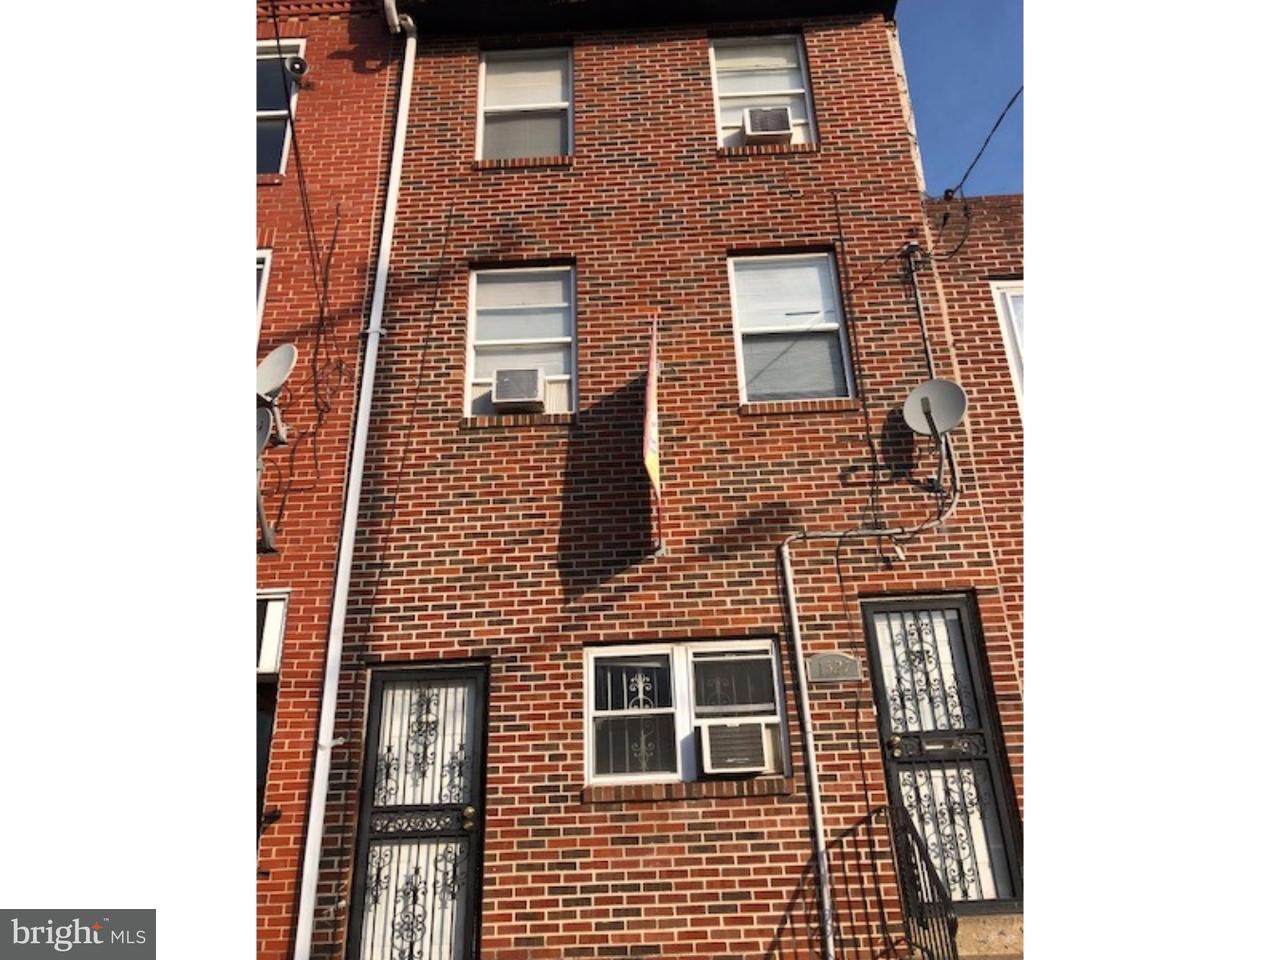 1527 W Thompson Philadelphia, PA 19121